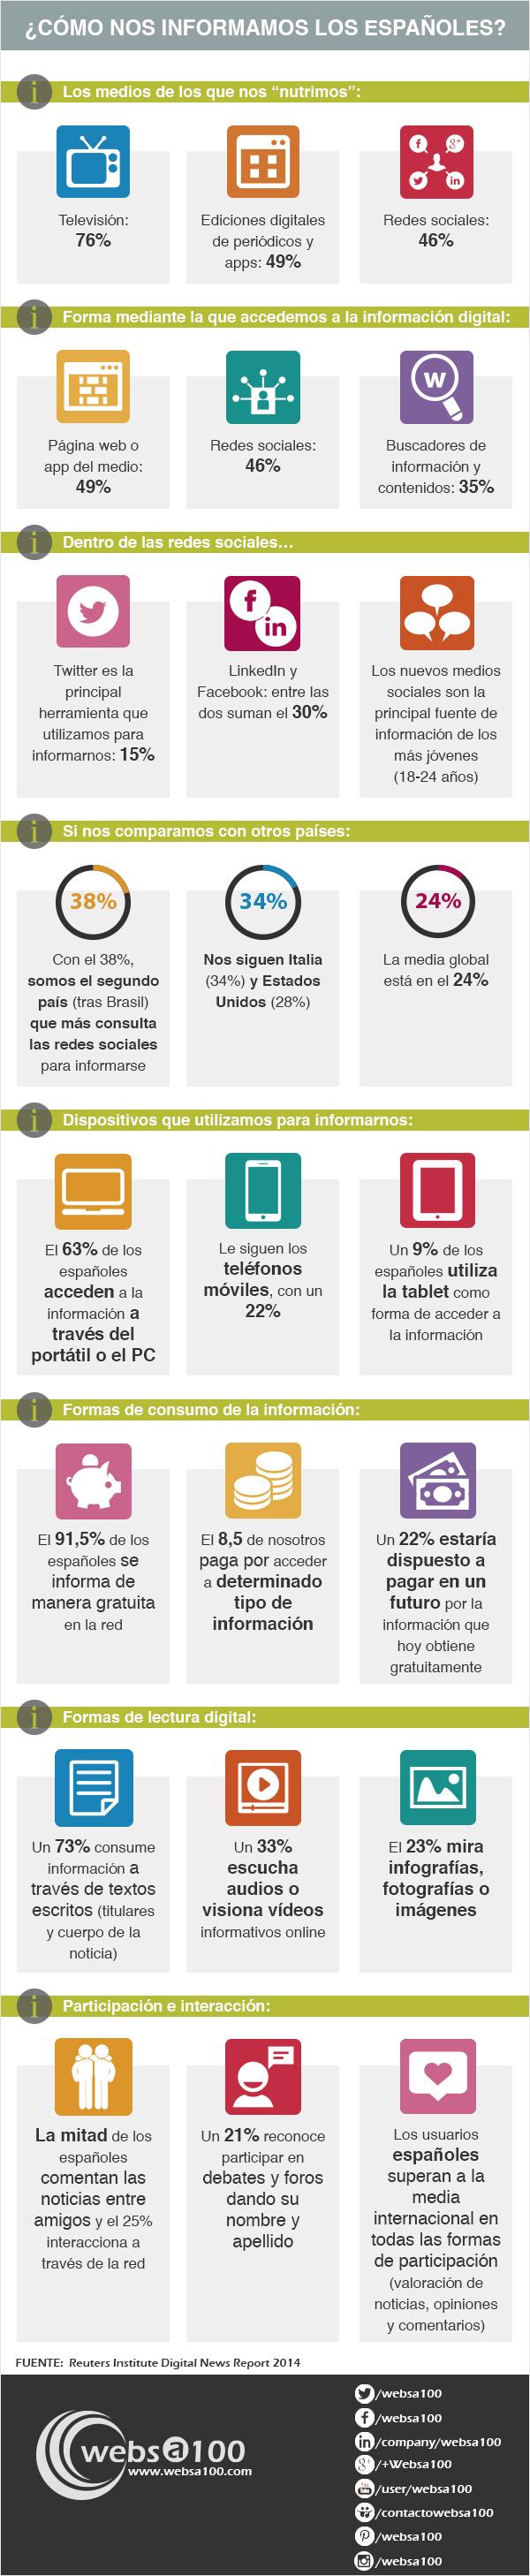 Cómo consumimos noticias los españoles